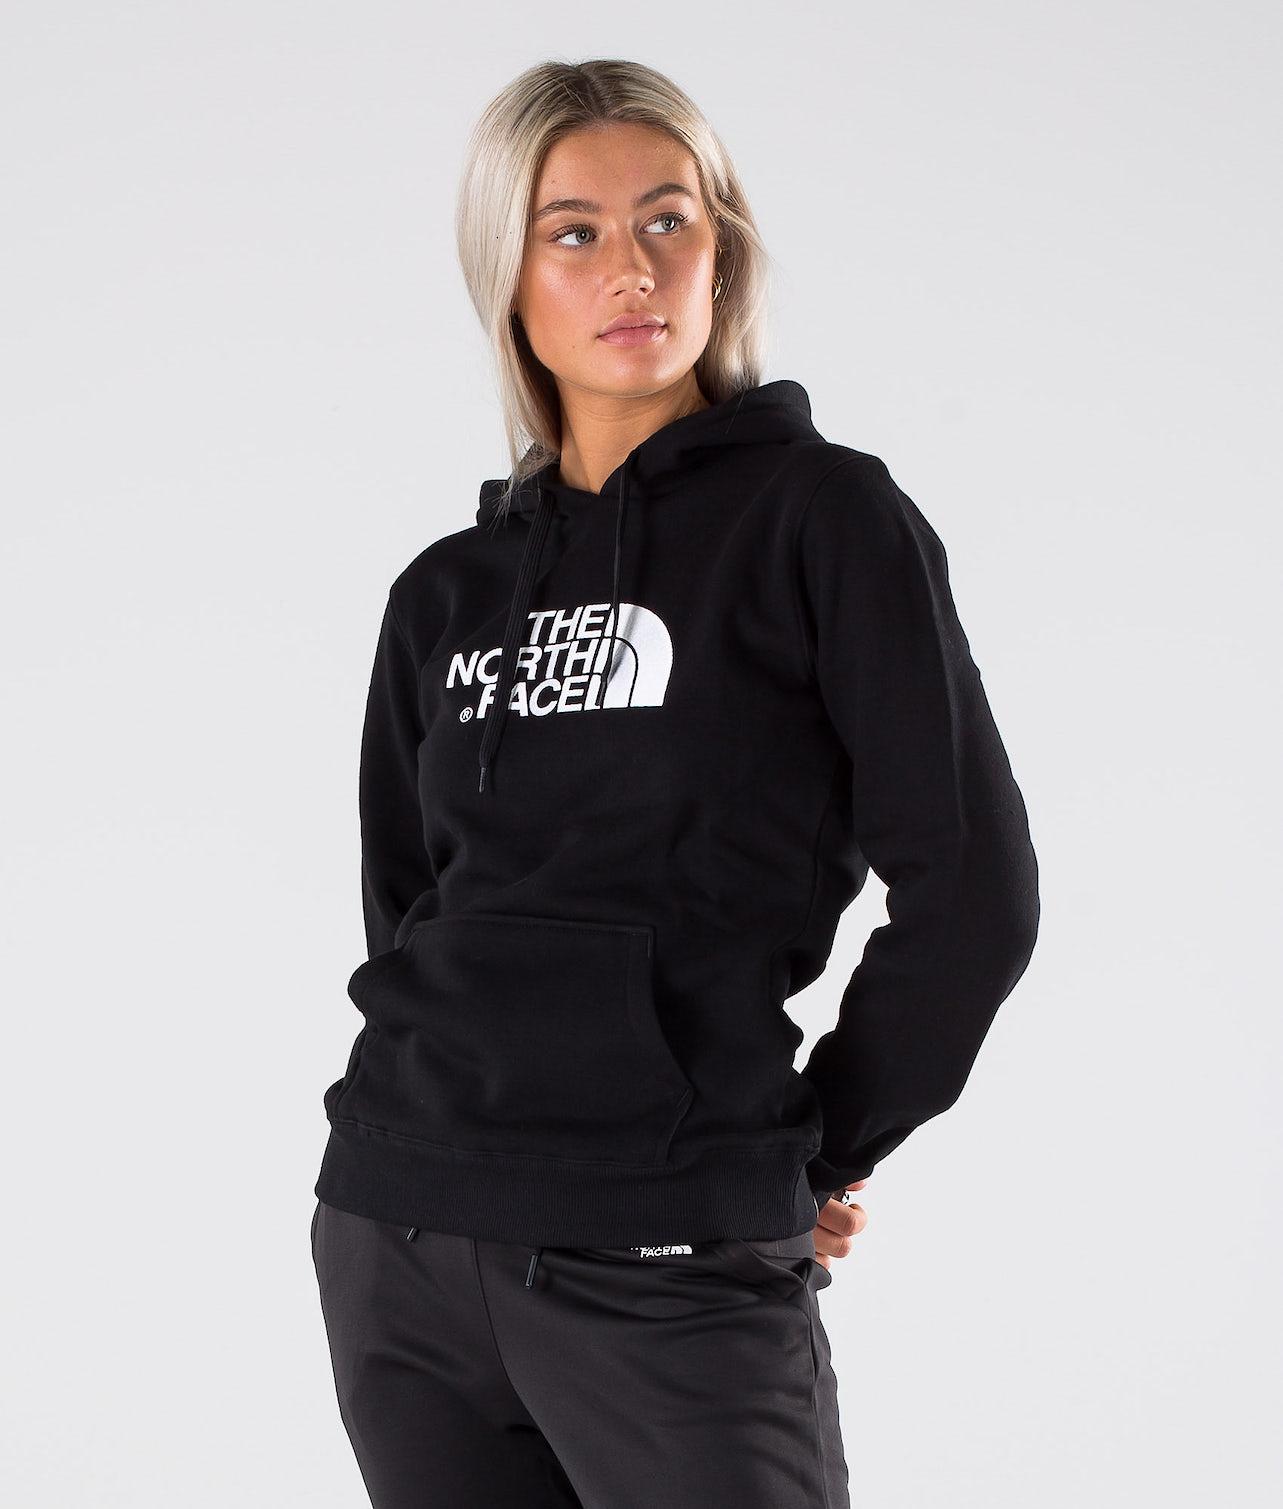 Köp DrePeak Hood från The North Face på Ridestore.se Hos oss har du alltid fri frakt, fri retur och 30 dagar öppet köp!